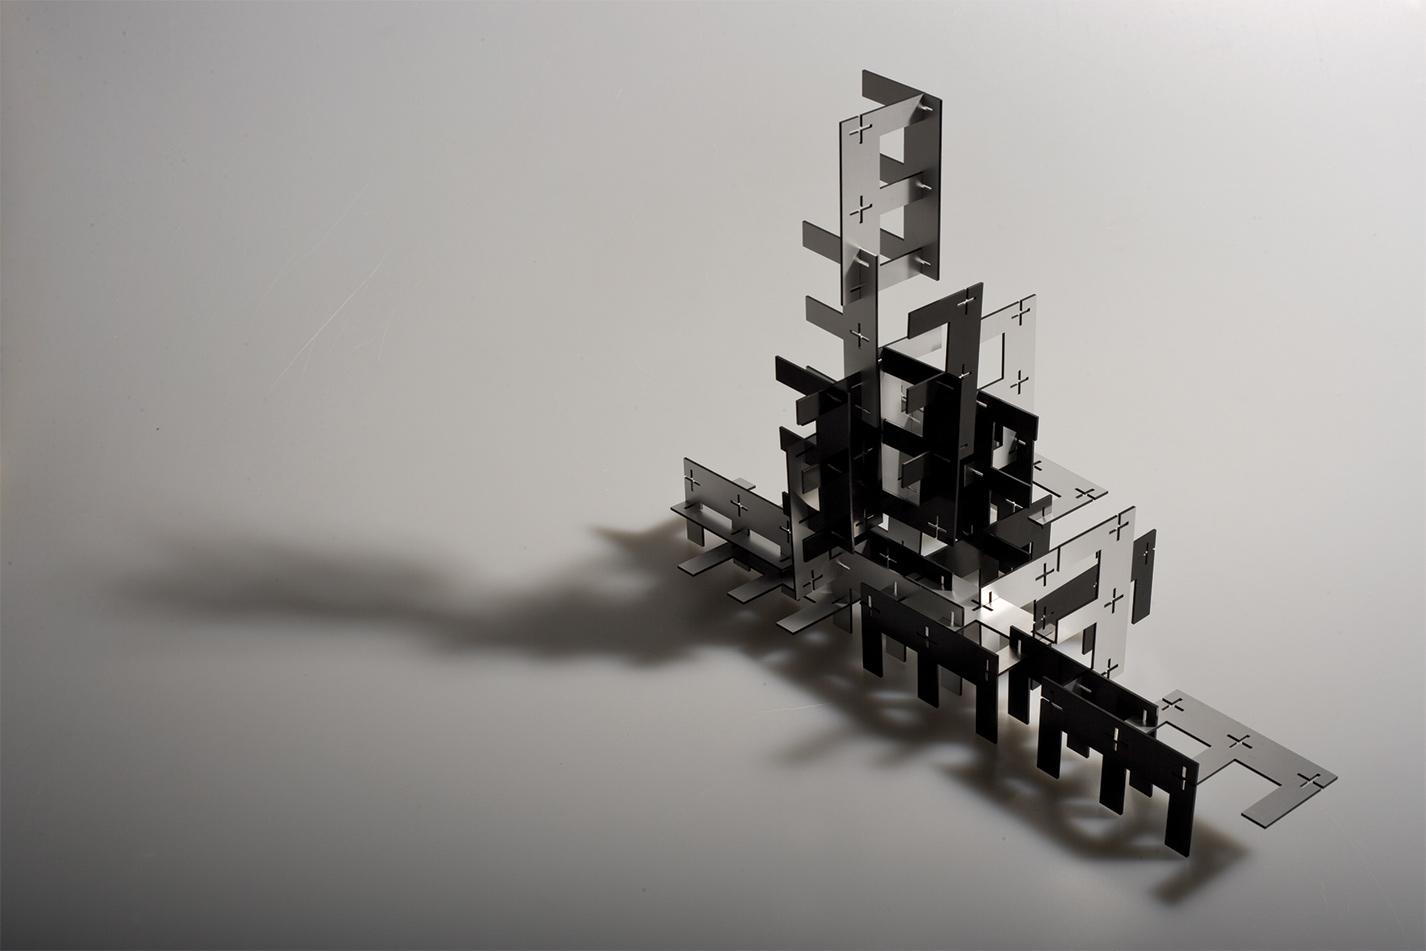 Esteck Steckskulptur Buchstaben Spiel Artwork